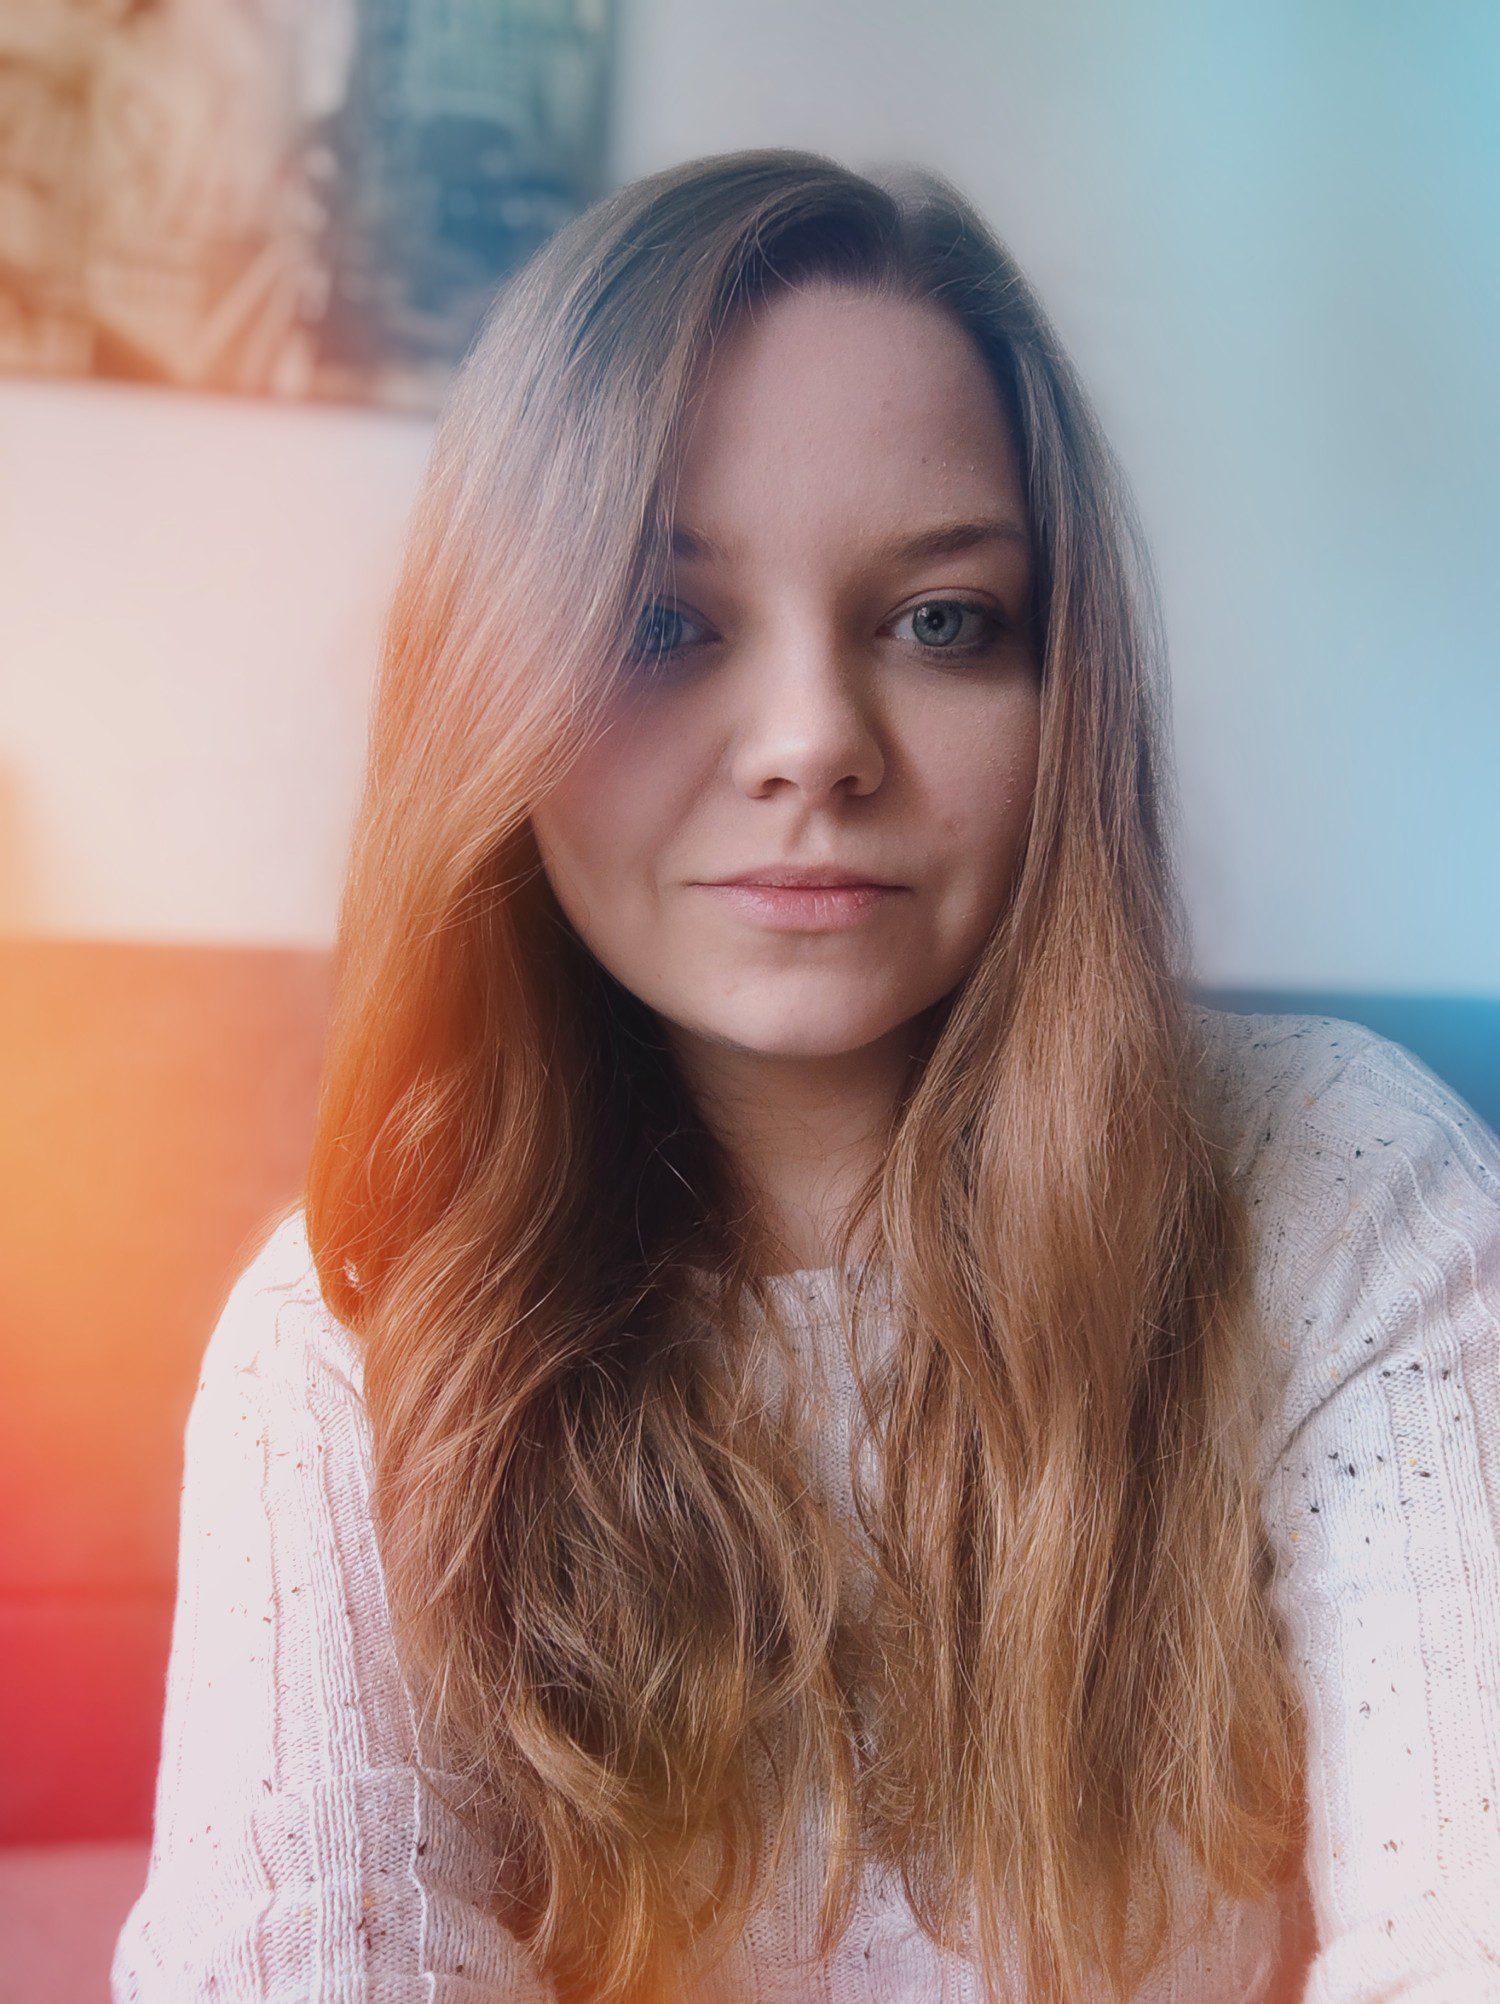 efekt filmowy selfie w Mi 11